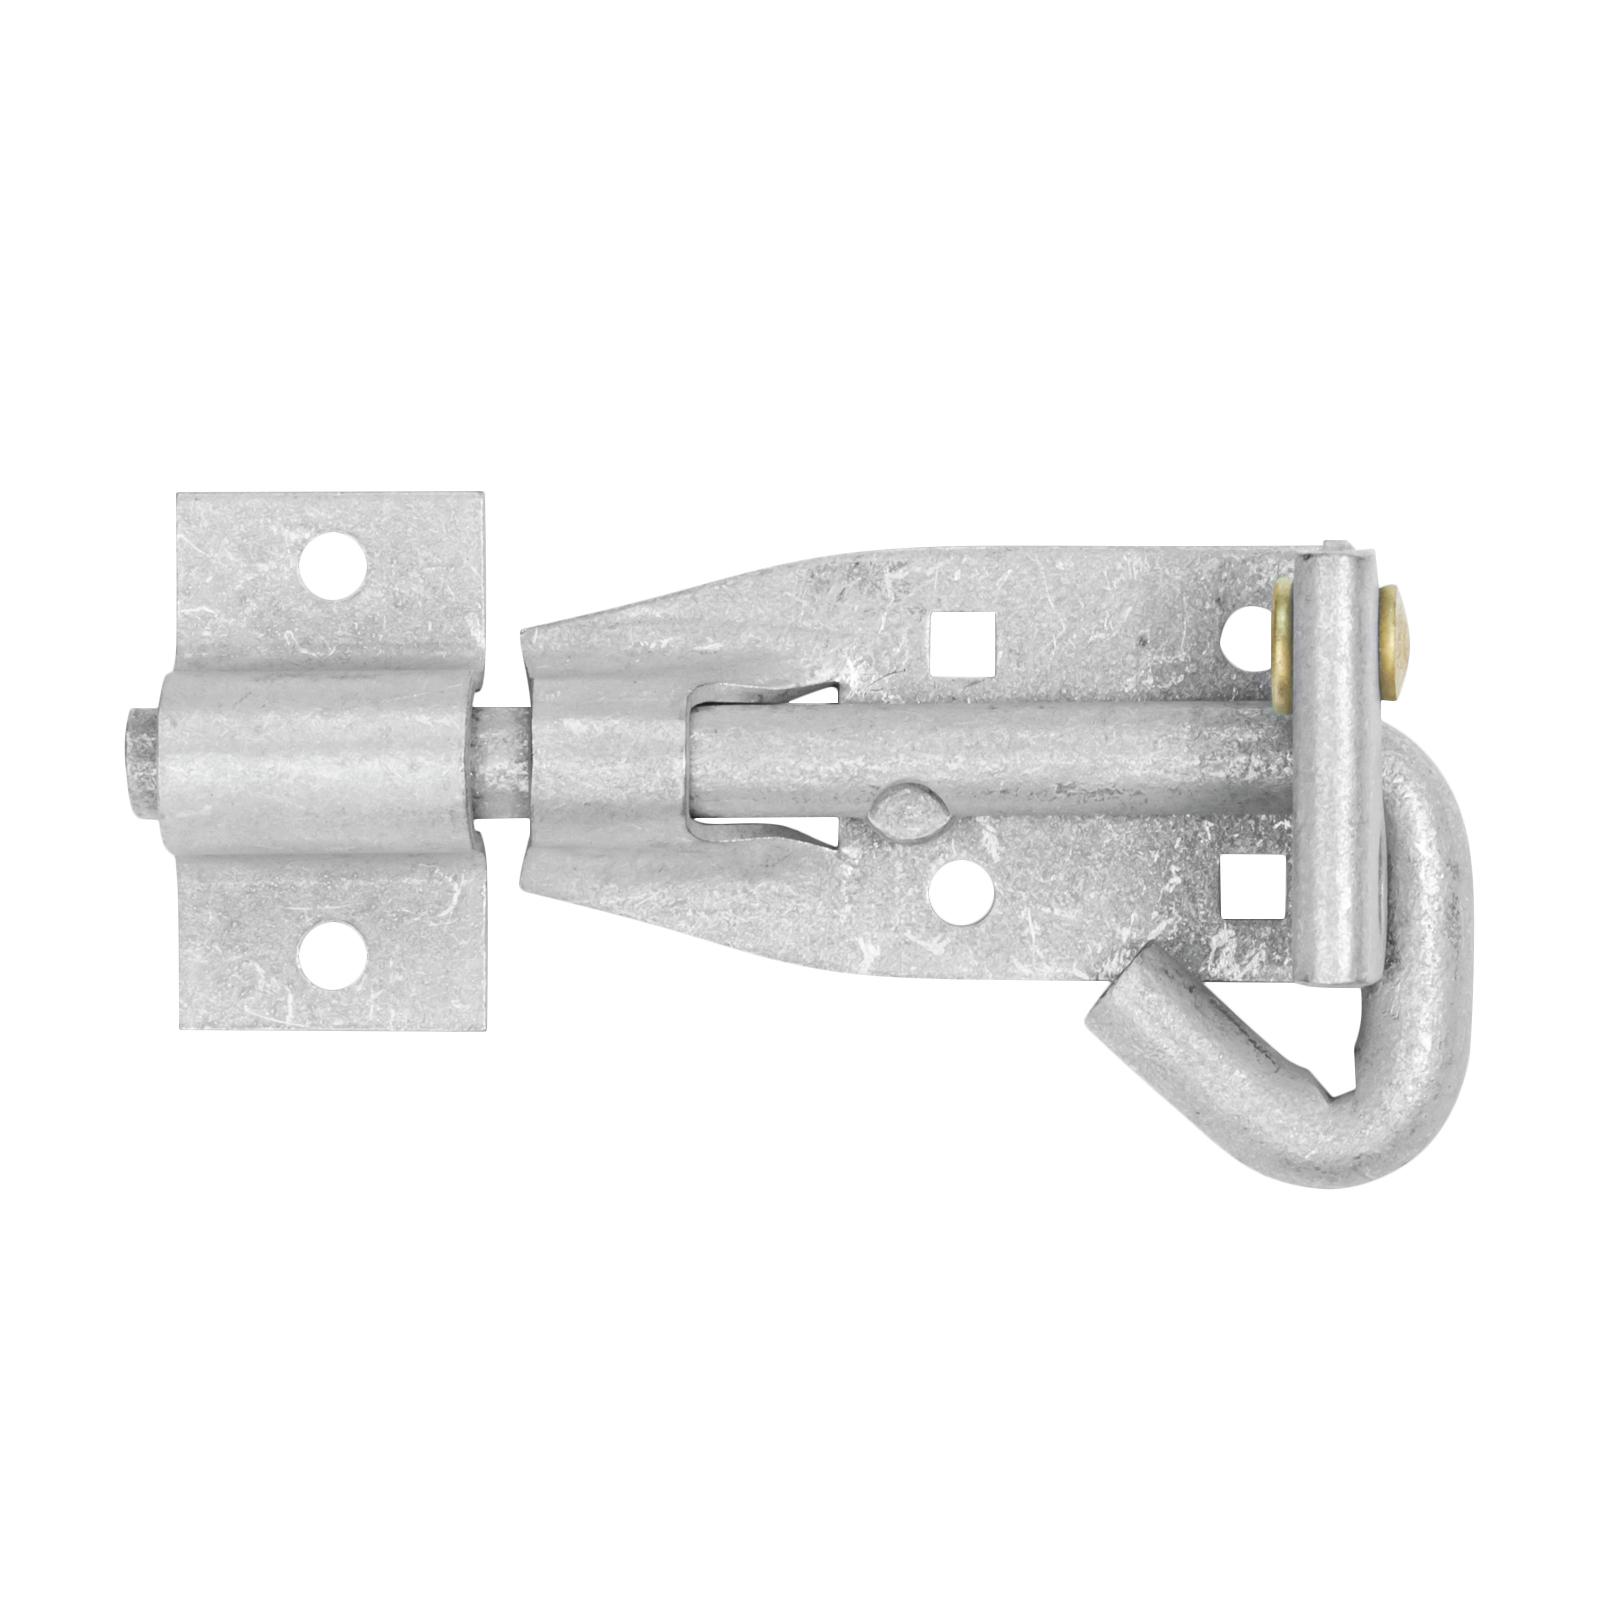 Pinnacle 100 x 10mm Galvanised Steel High Security Padbolt